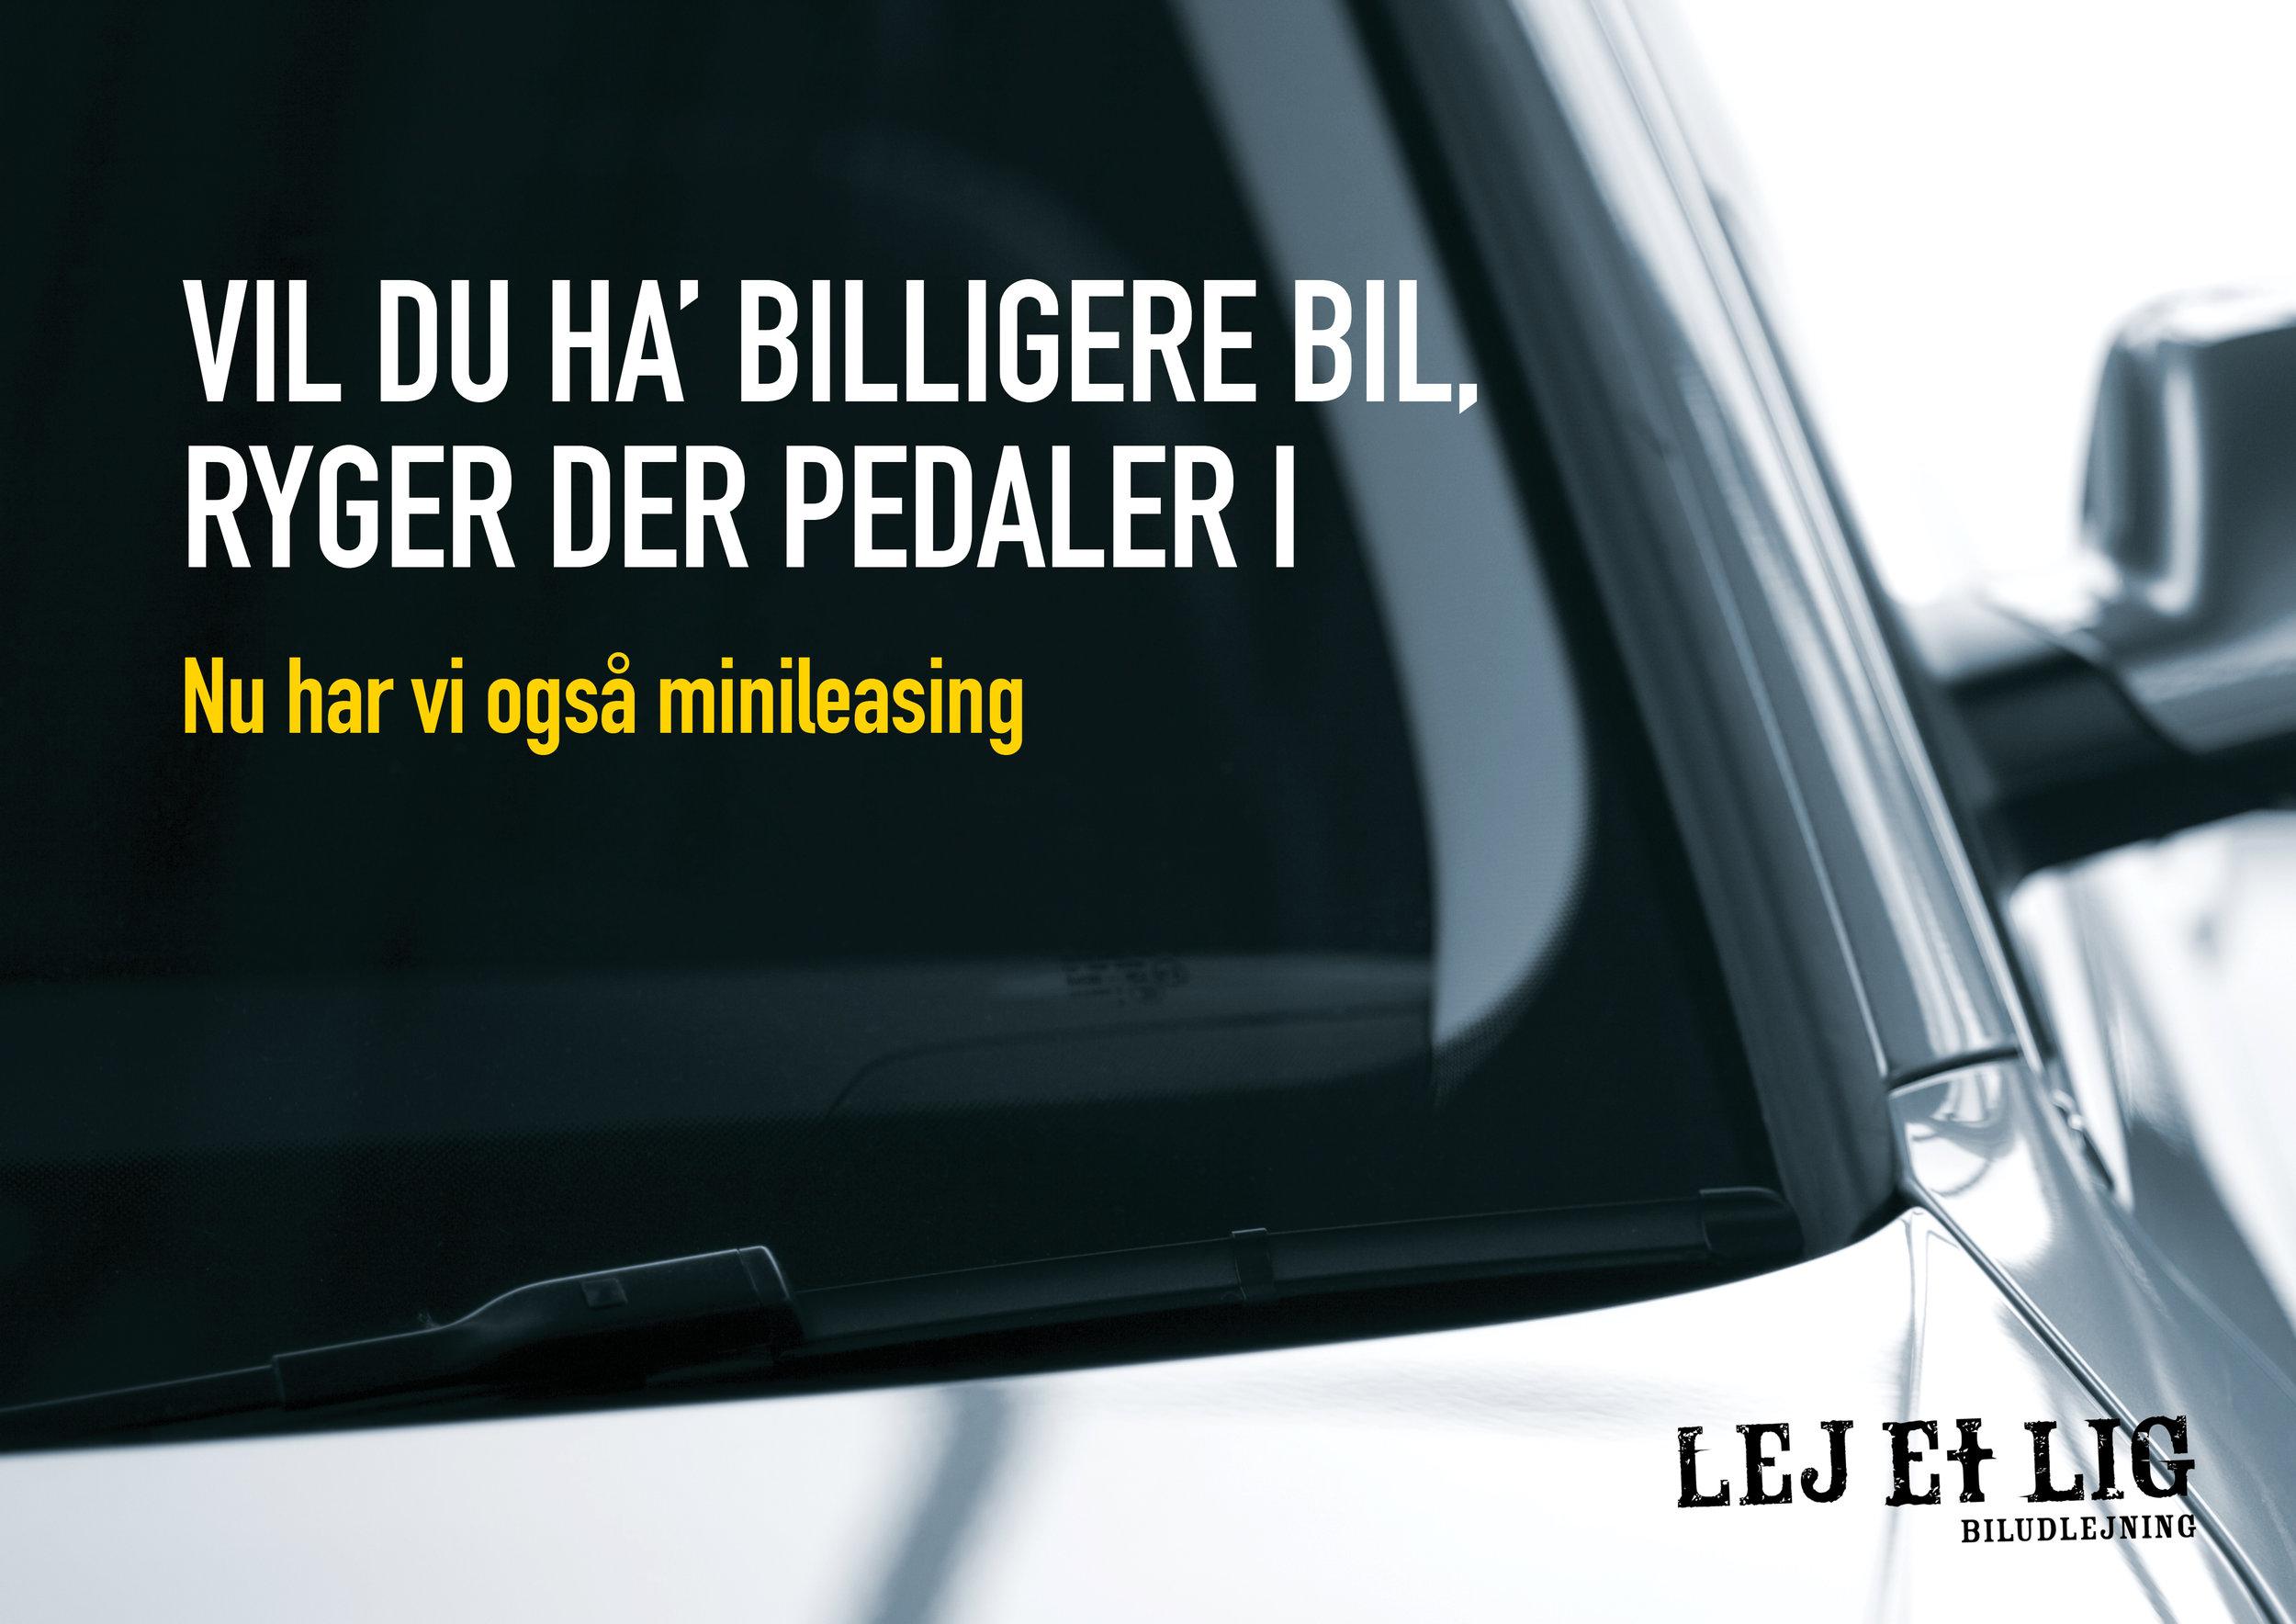 Lej Et Lig minilease_minister.jpg